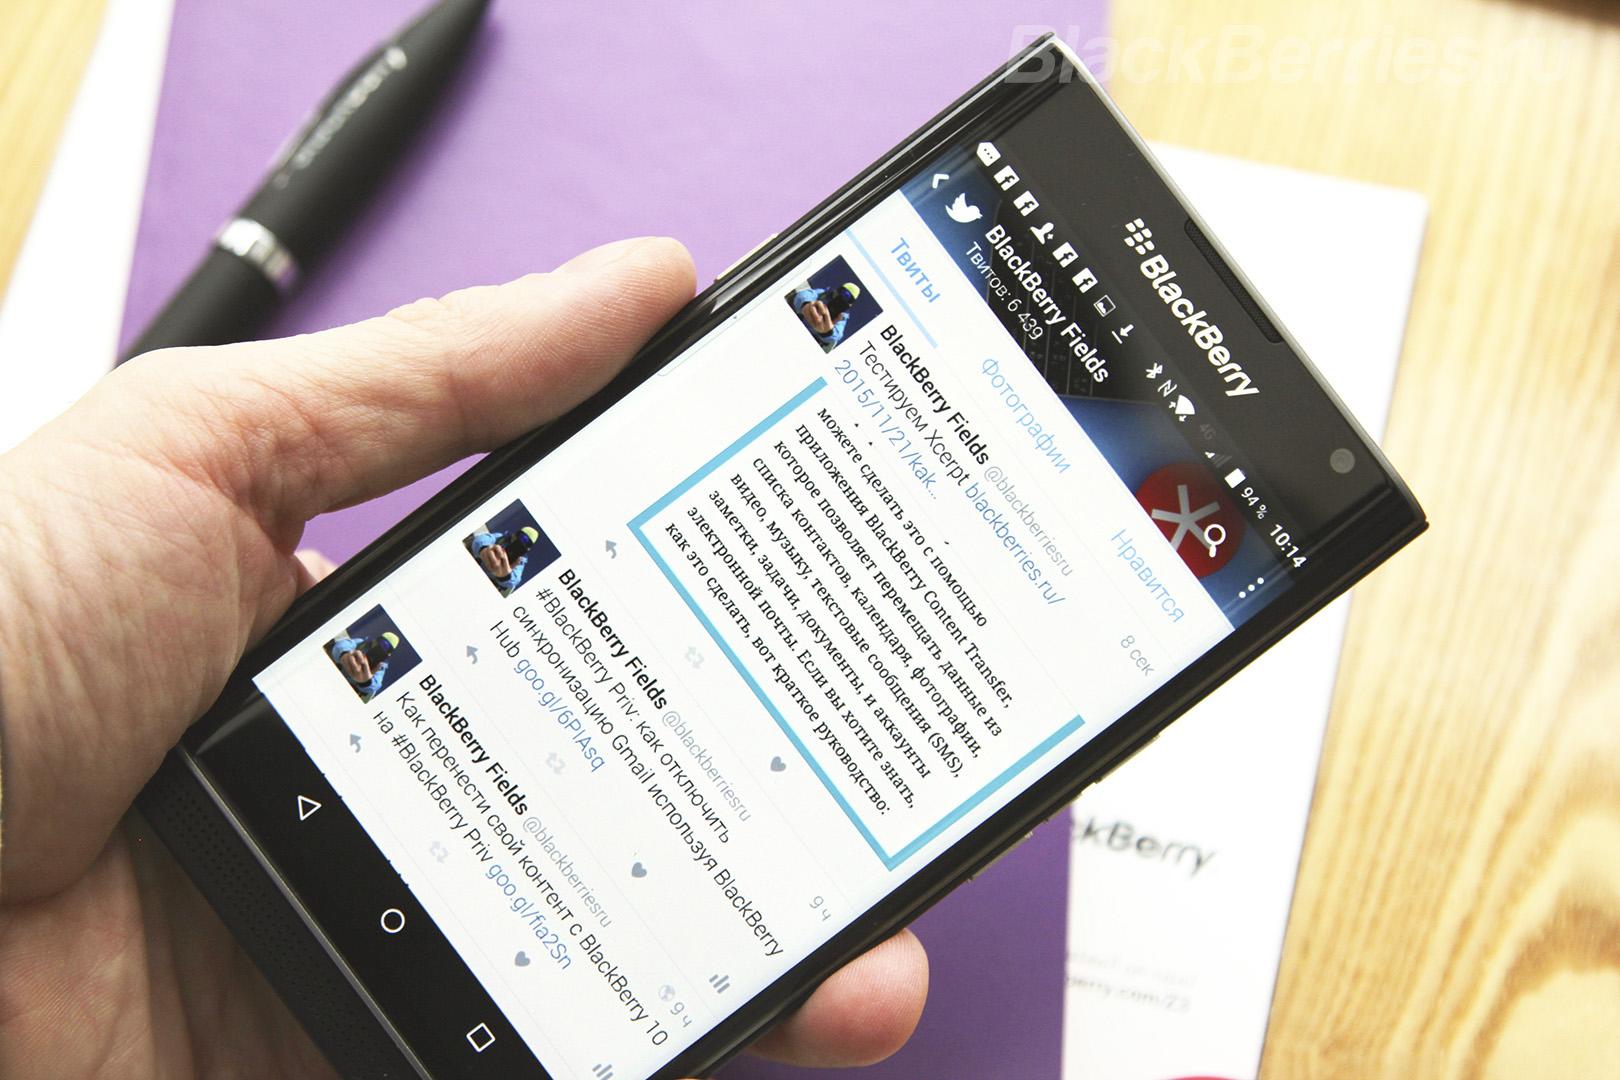 BlackBerry-Apps-21-11-04